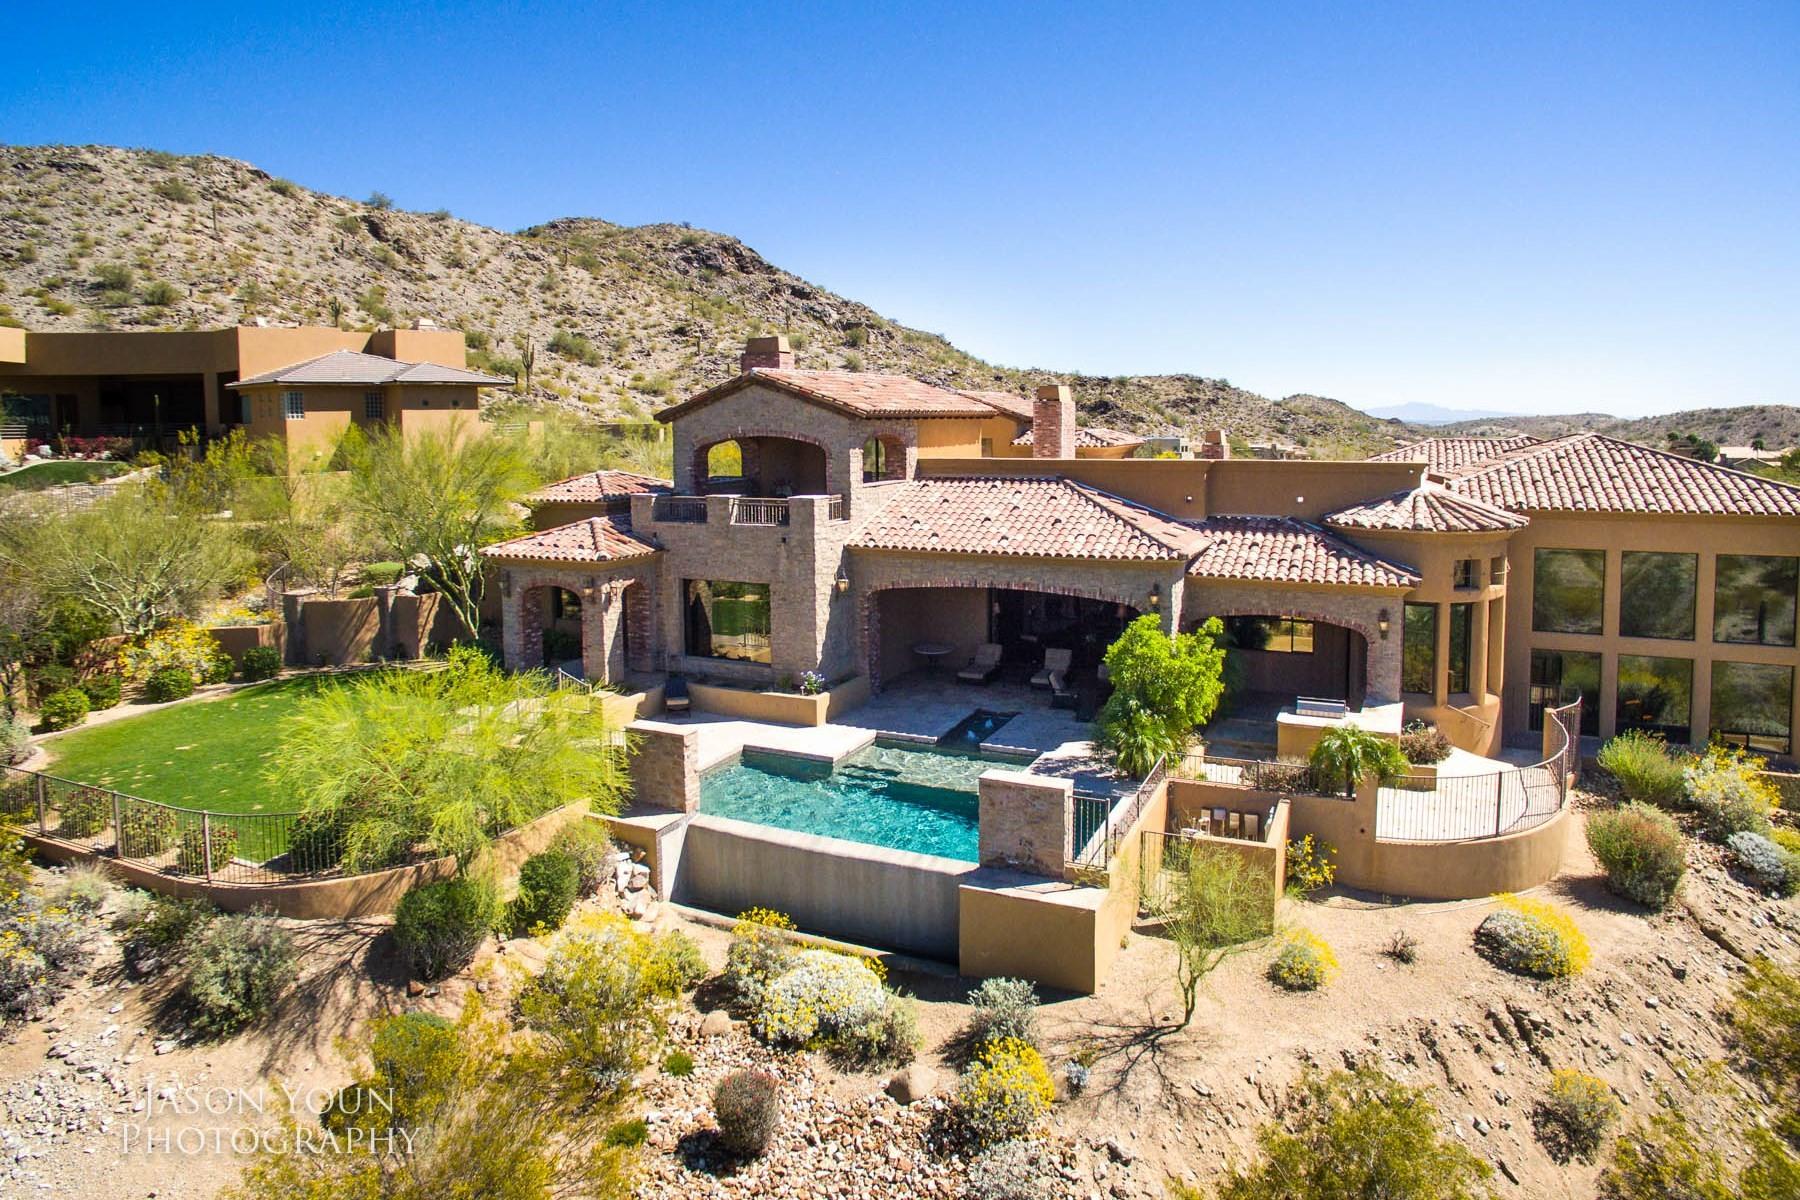 一戸建て のために 売買 アット Hilltop custom Tuscan home in the gated community of Canyon Reserve 13808 S Canyon Dr Phoenix, アリゾナ, 85048 アメリカ合衆国